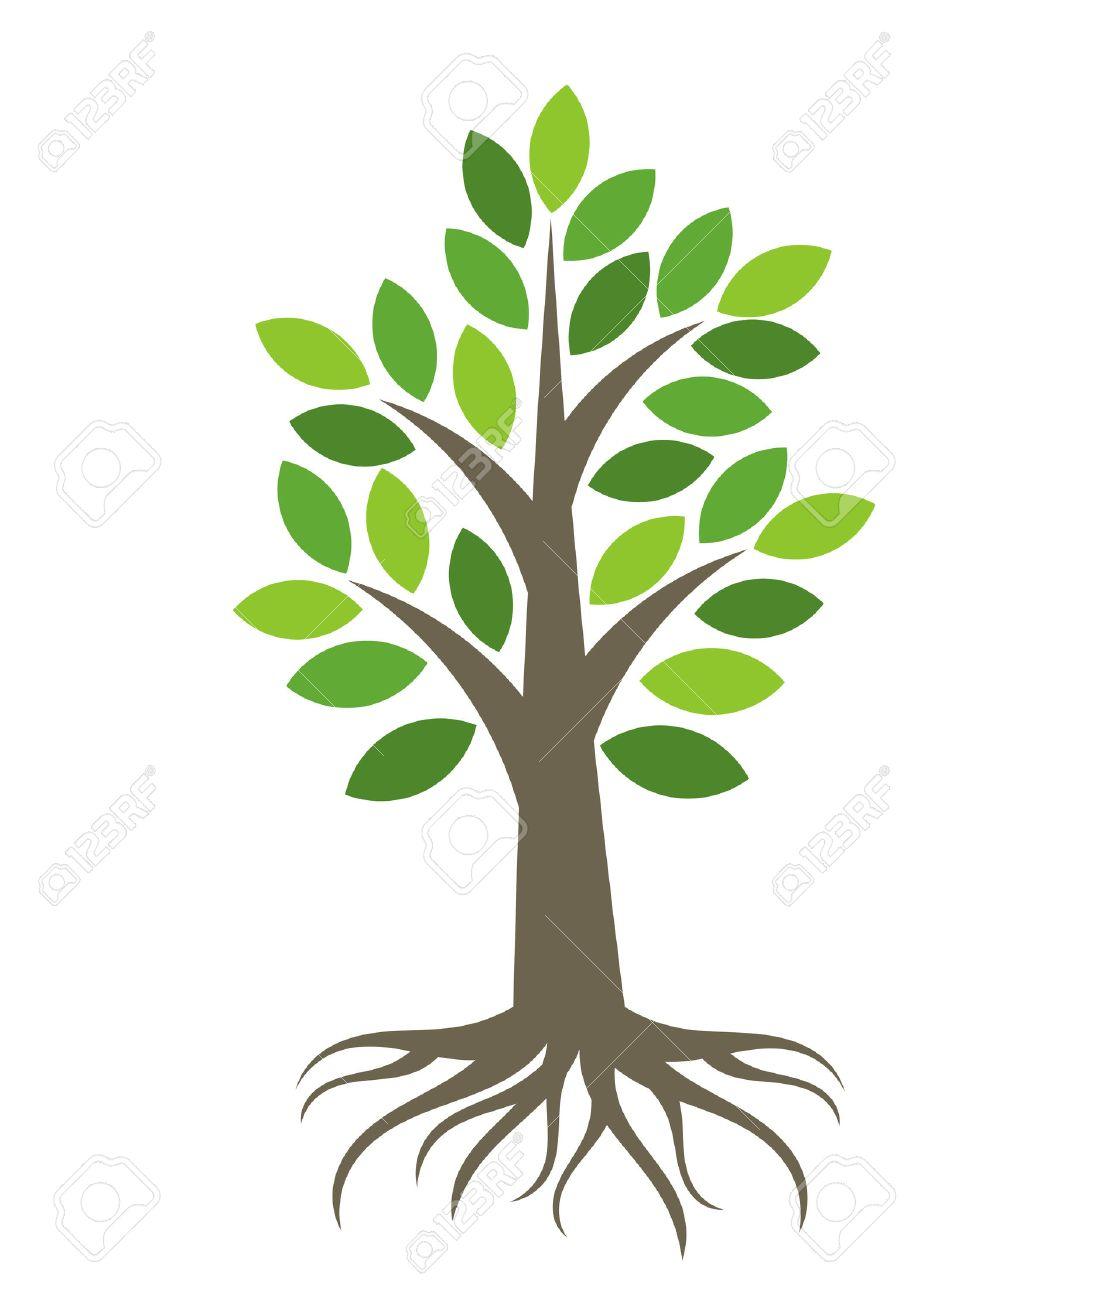 Arbre Avec Racine arbre avec des racines icône. banque d'images et photos libres de